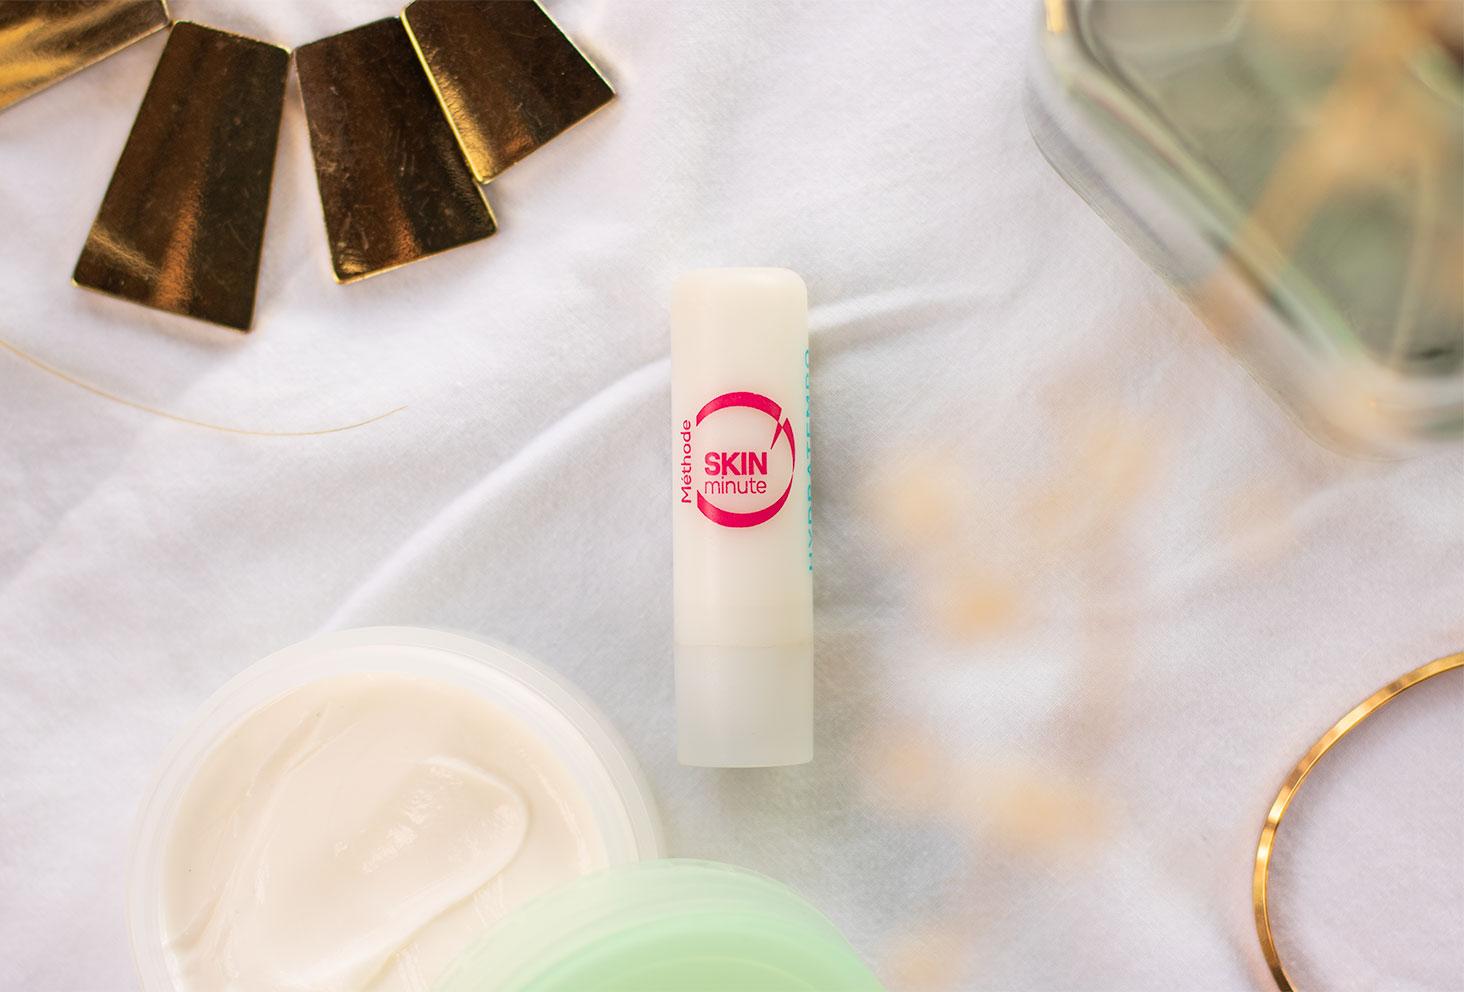 Zoom sur le baume à lèvres Skin minute de Body Minute posé sur un drap blanc